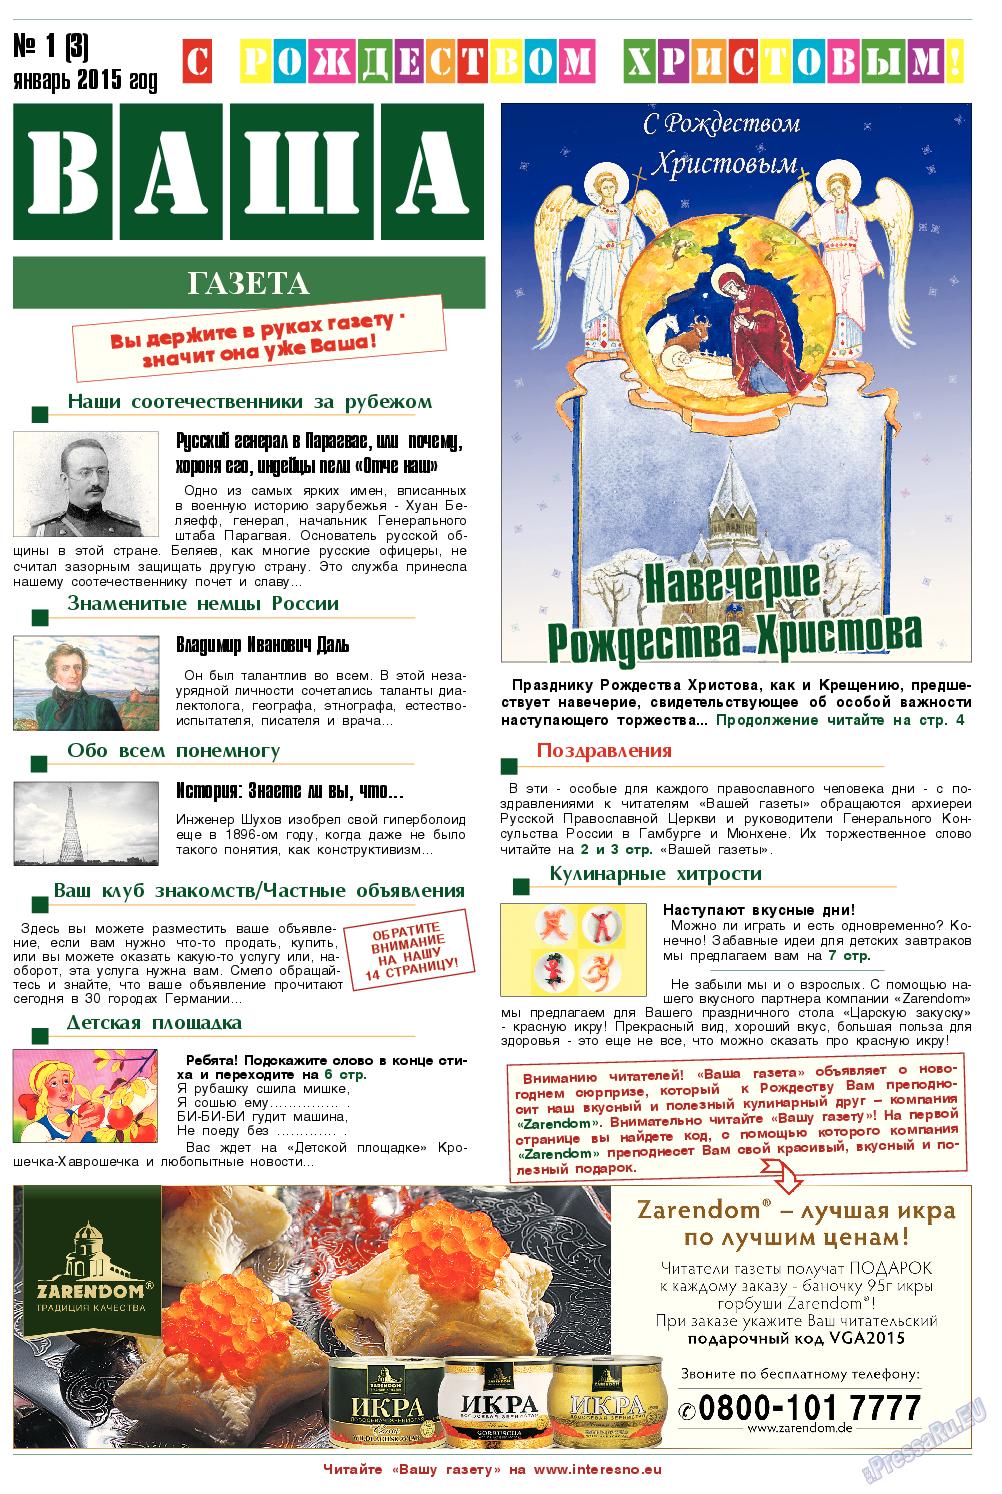 Ваша газета (газета). 2015 год, номер 1, стр. 1